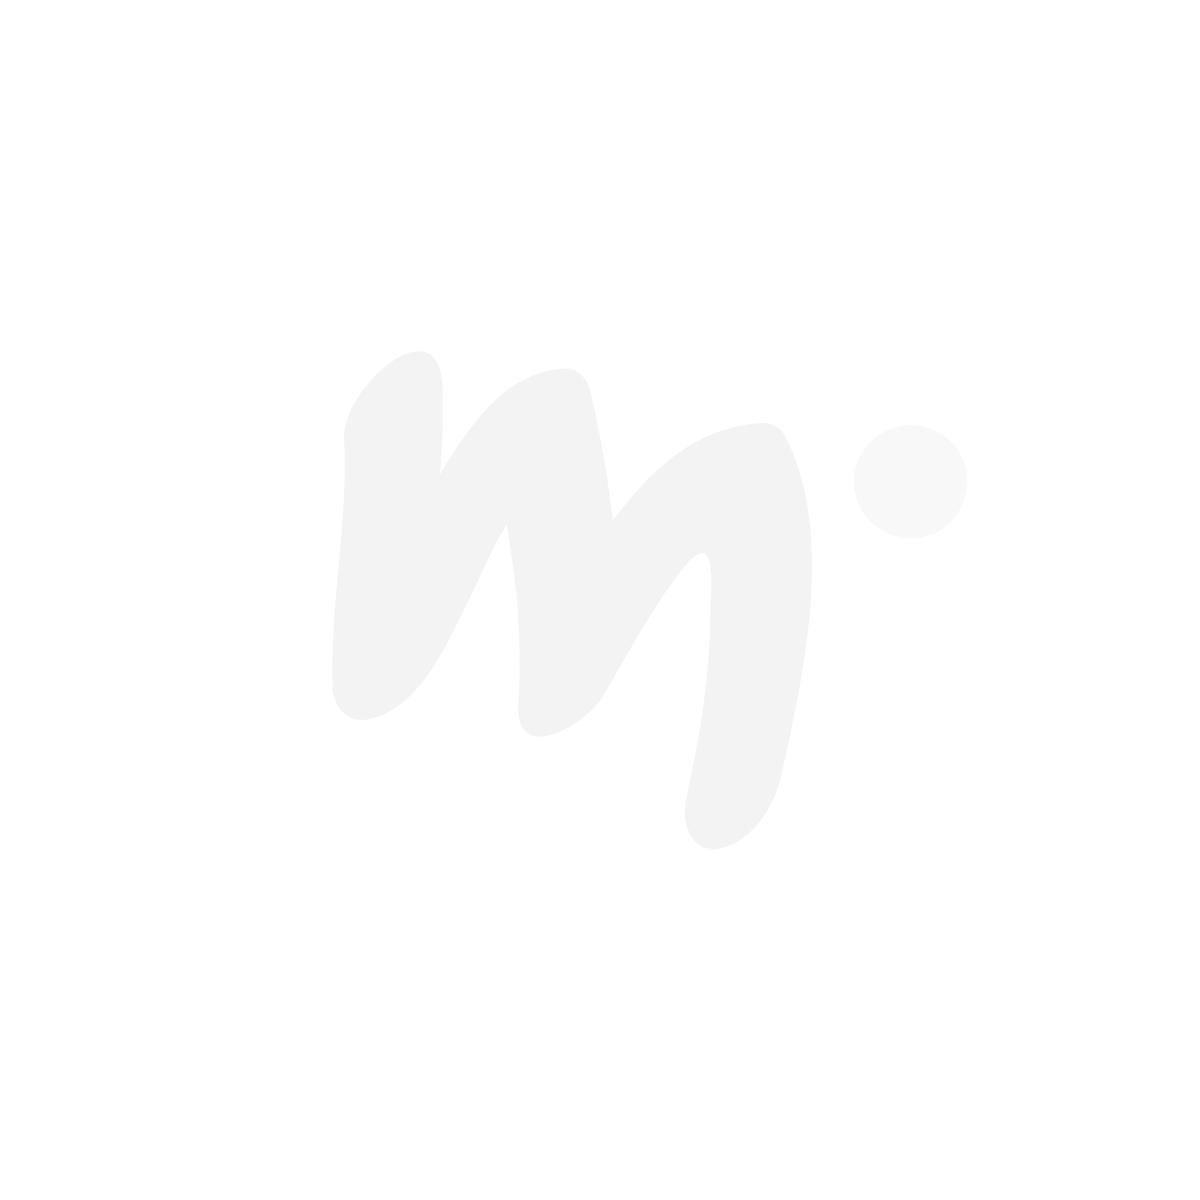 Peppi Pitkätossu Hejsan-sukkahousut punainen/keltainen